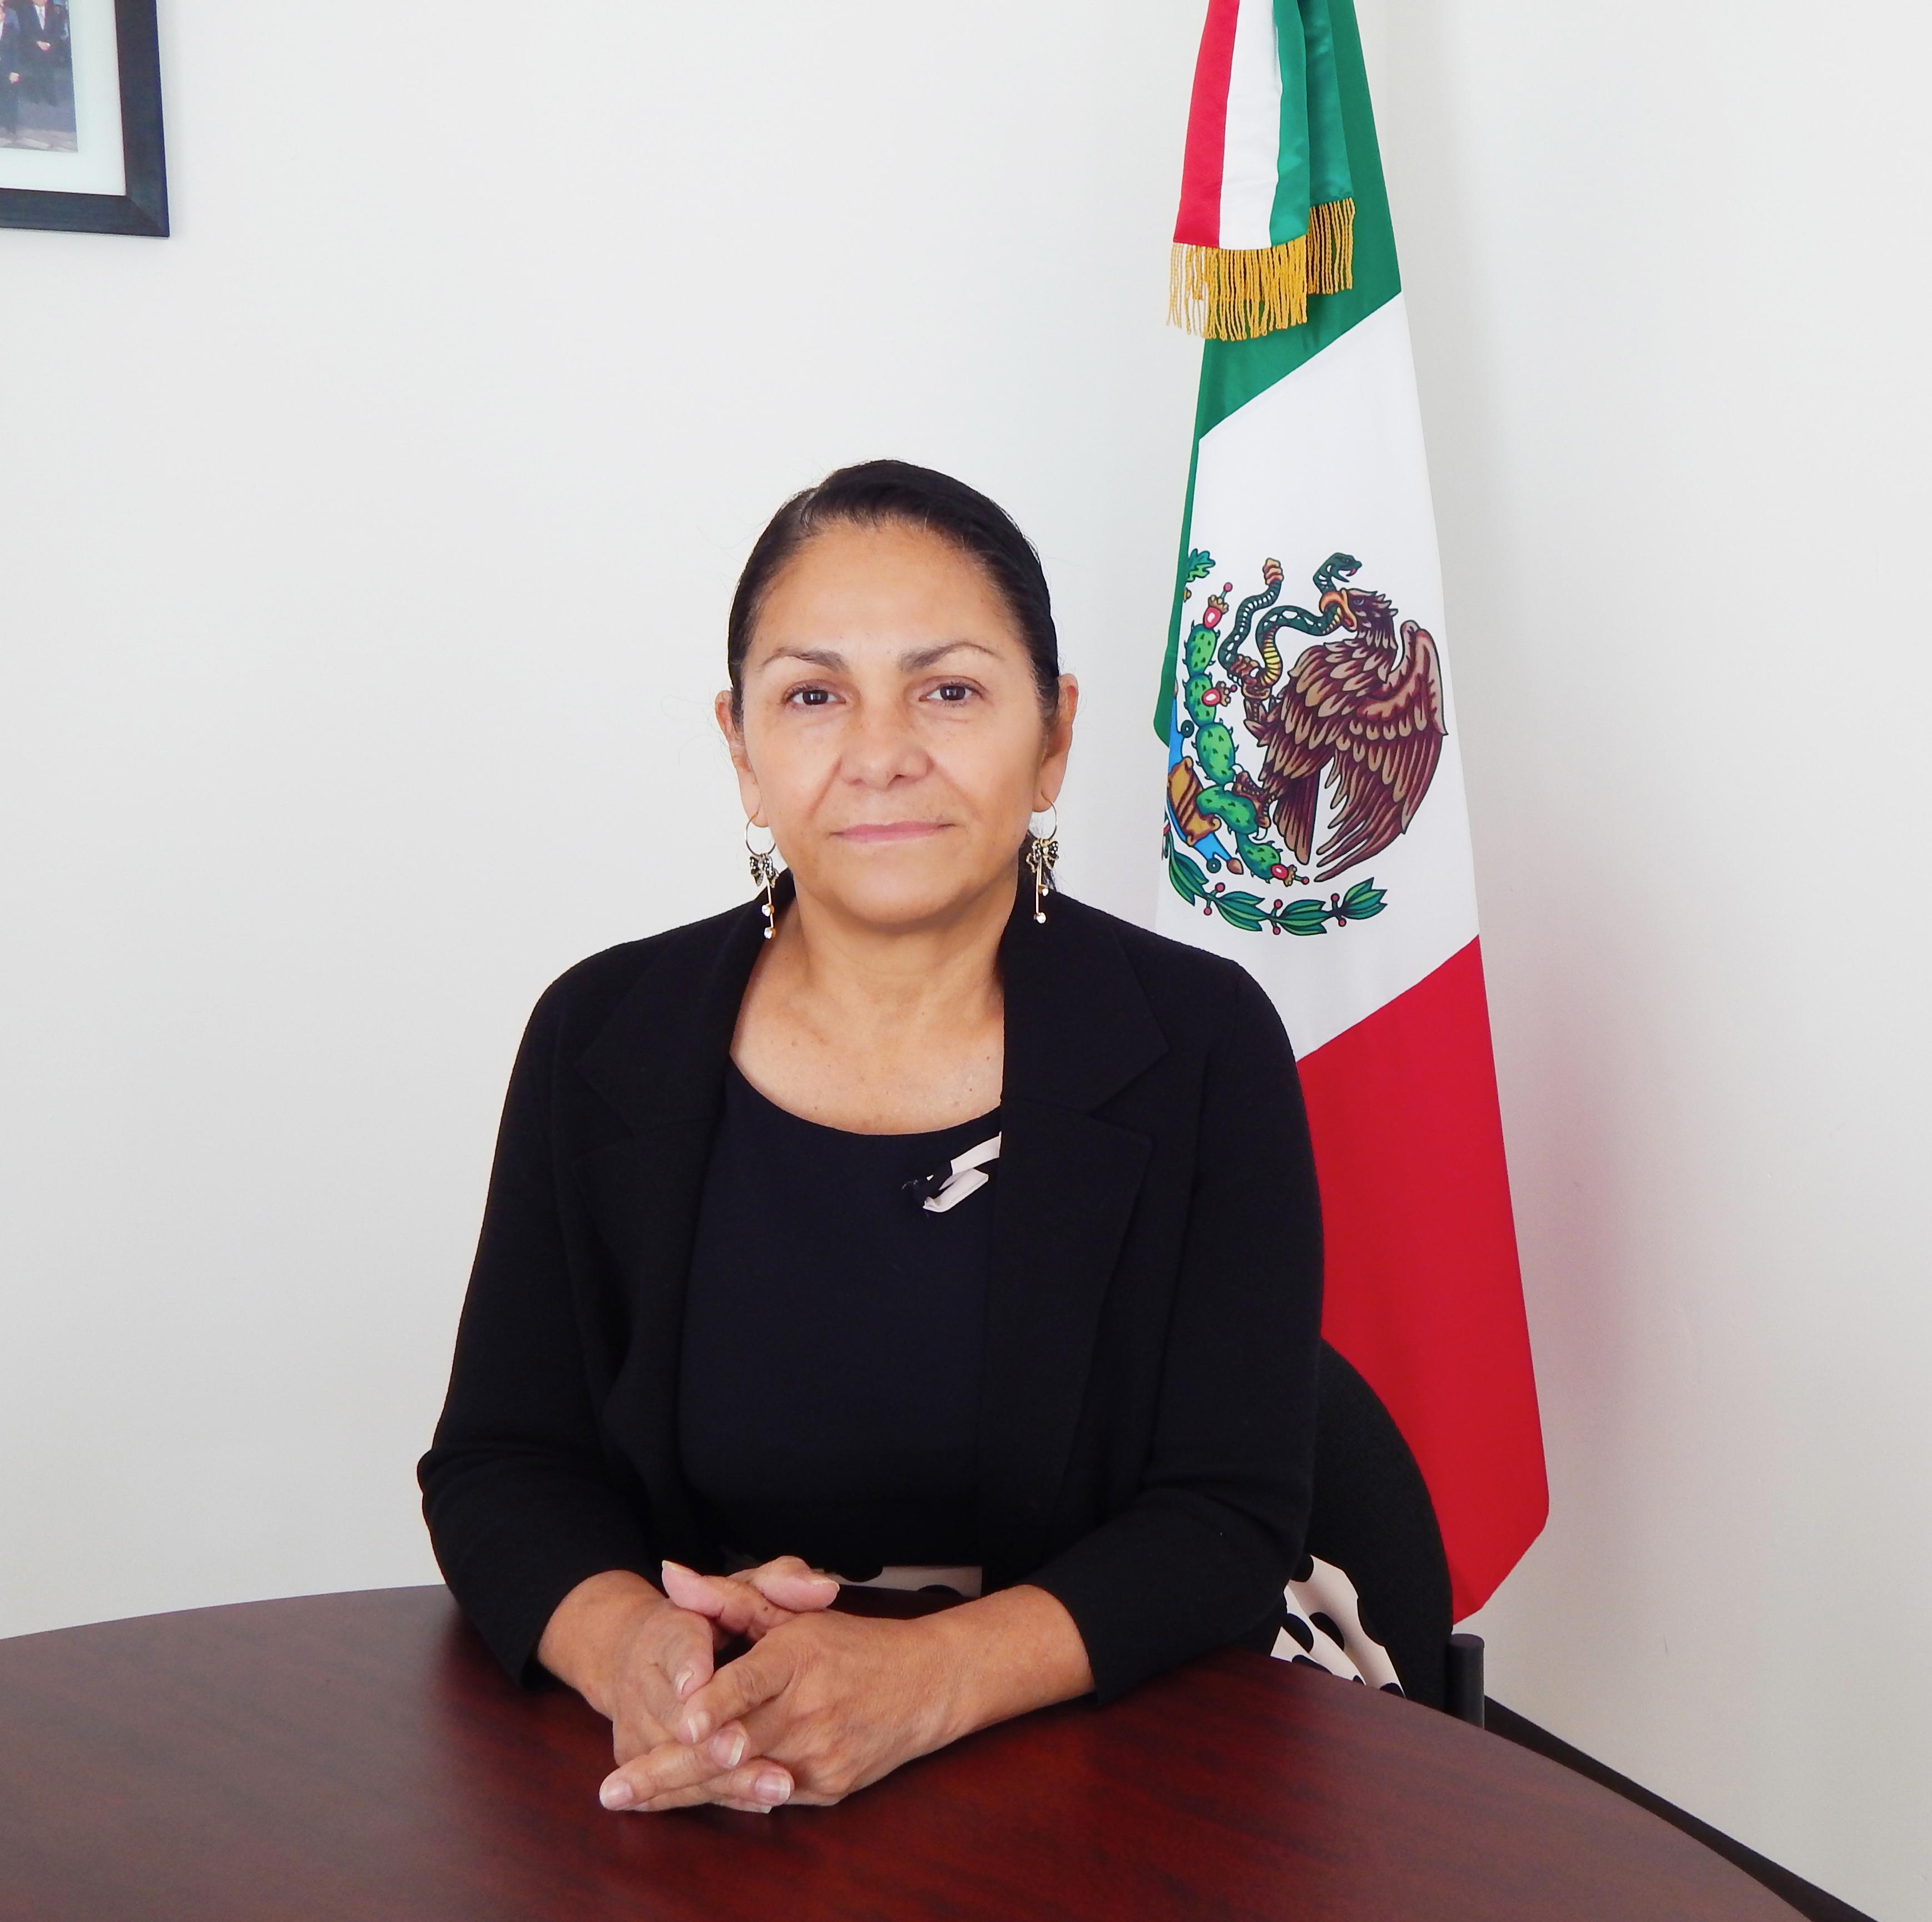 Imagen de Patricia Bugarin Gutiérrez, Coordinadora Nacional Antisecuestro.